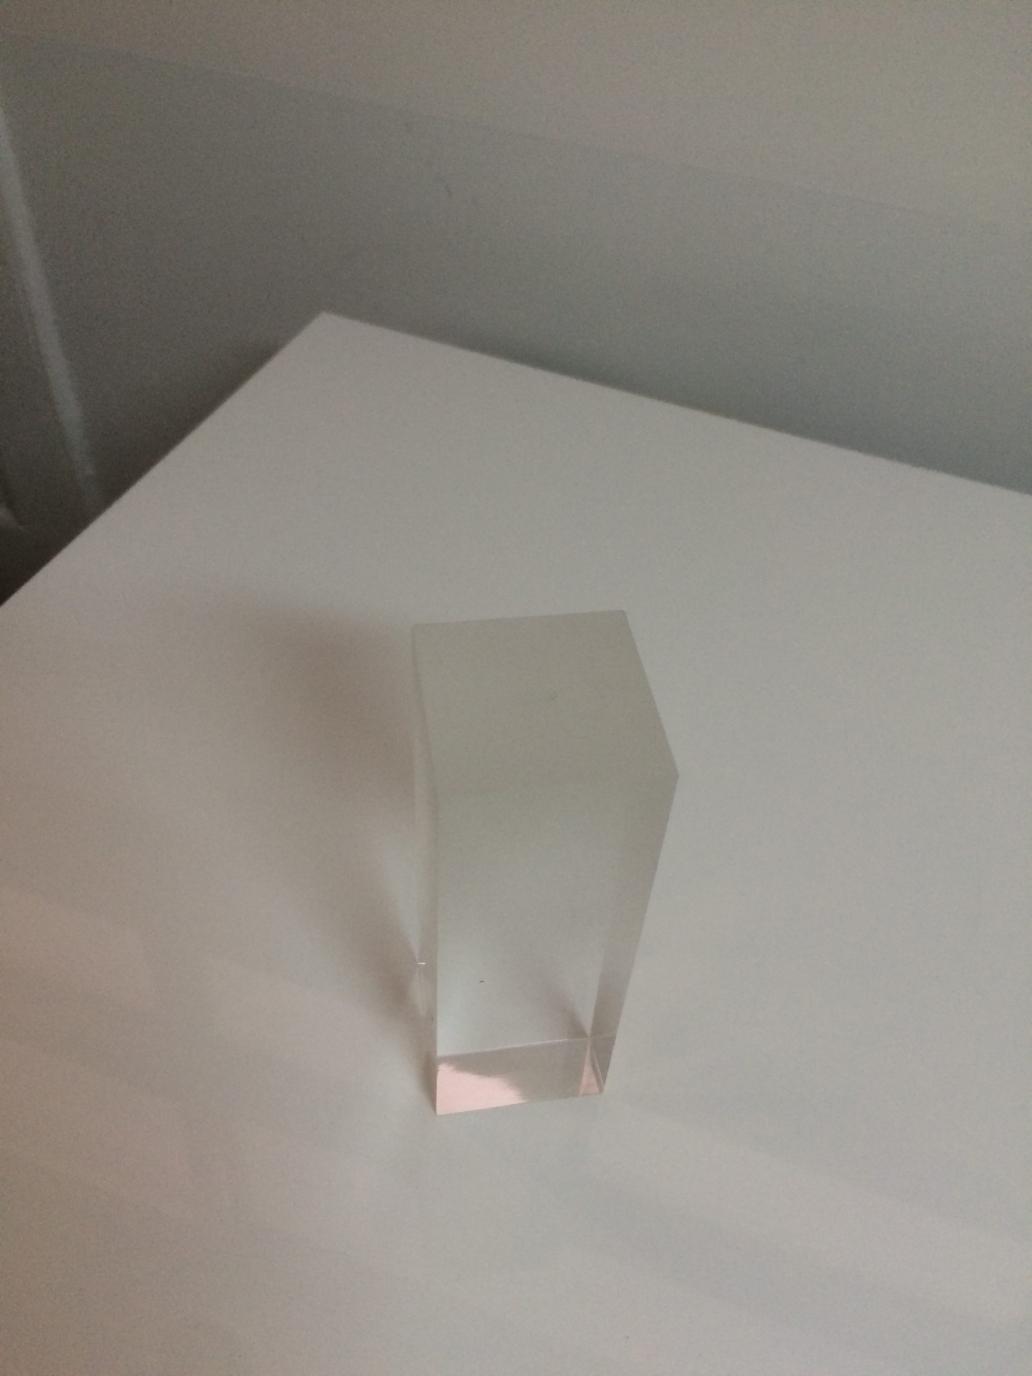 Création factice produits en plexiglas